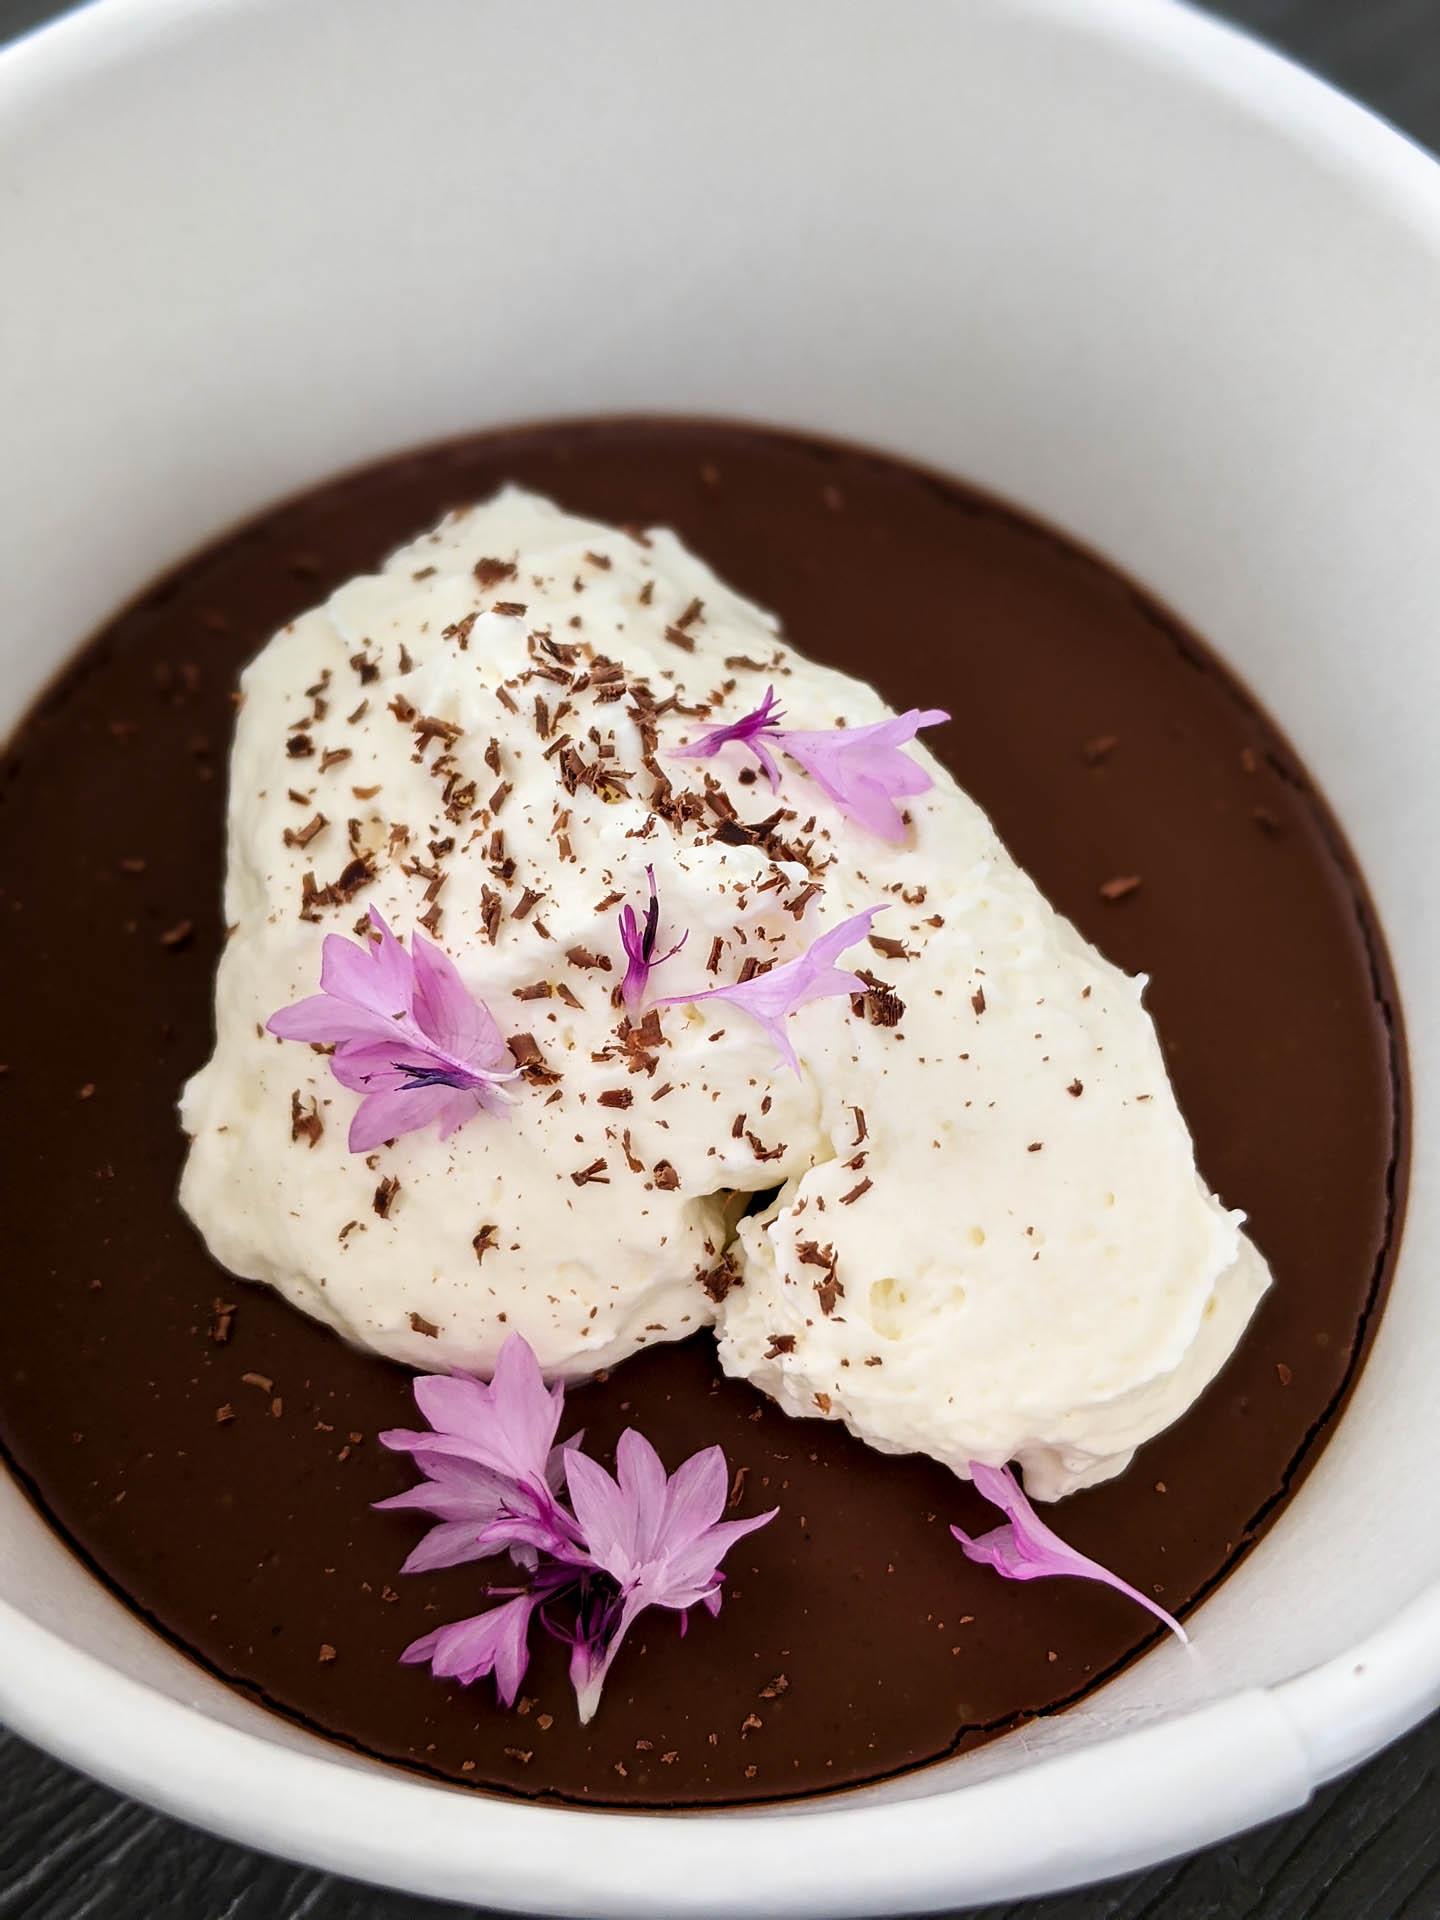 Chocolate chili cream pot